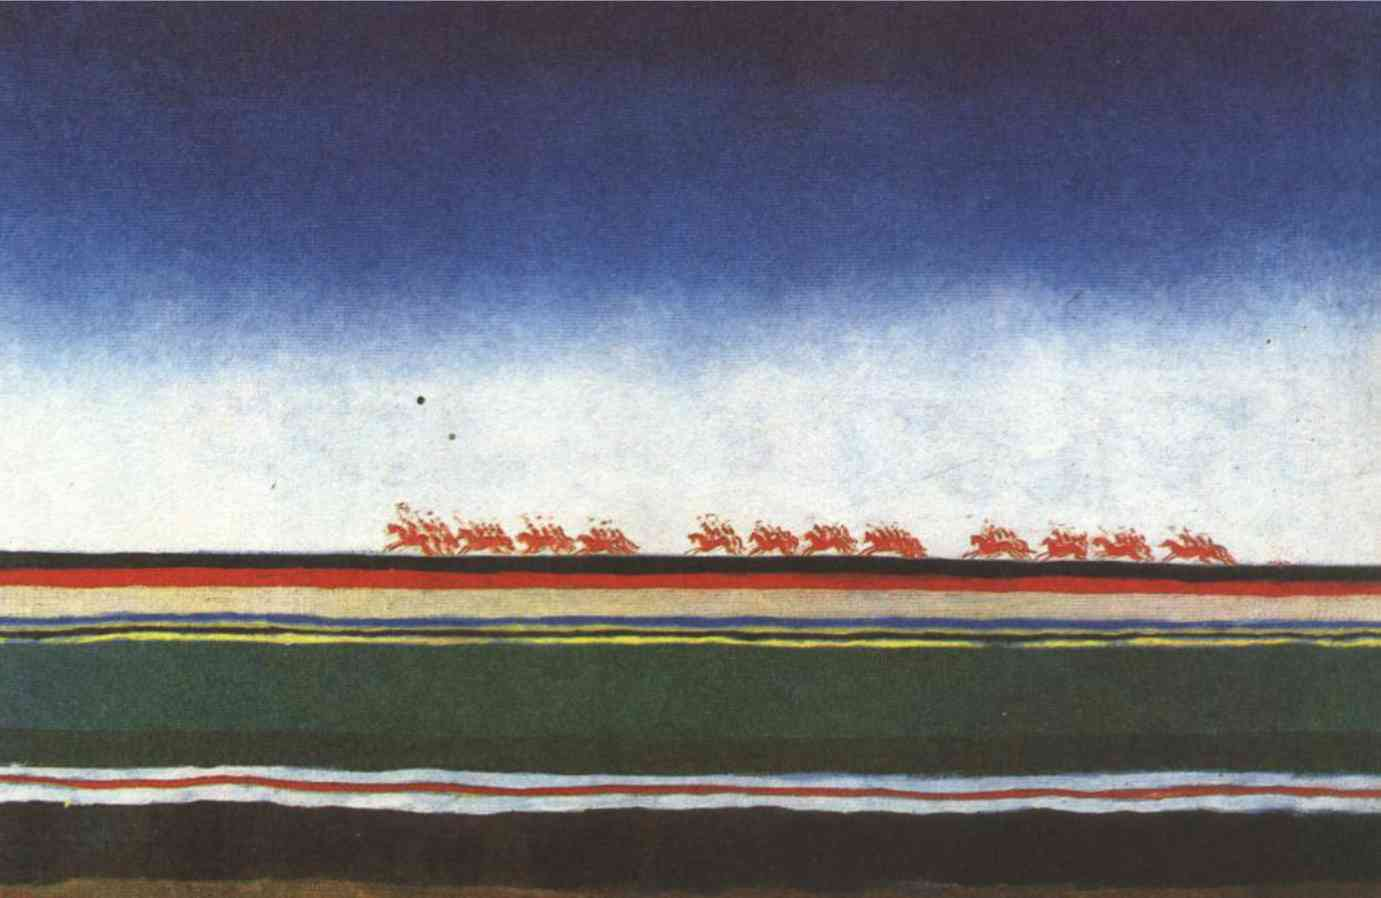 Казимир Малевич. Скачет красная конница. Между 1928 и 1932 гг. Масло, холст. 91х140 см. Государственный Русский музей, Санкт-Петербург.